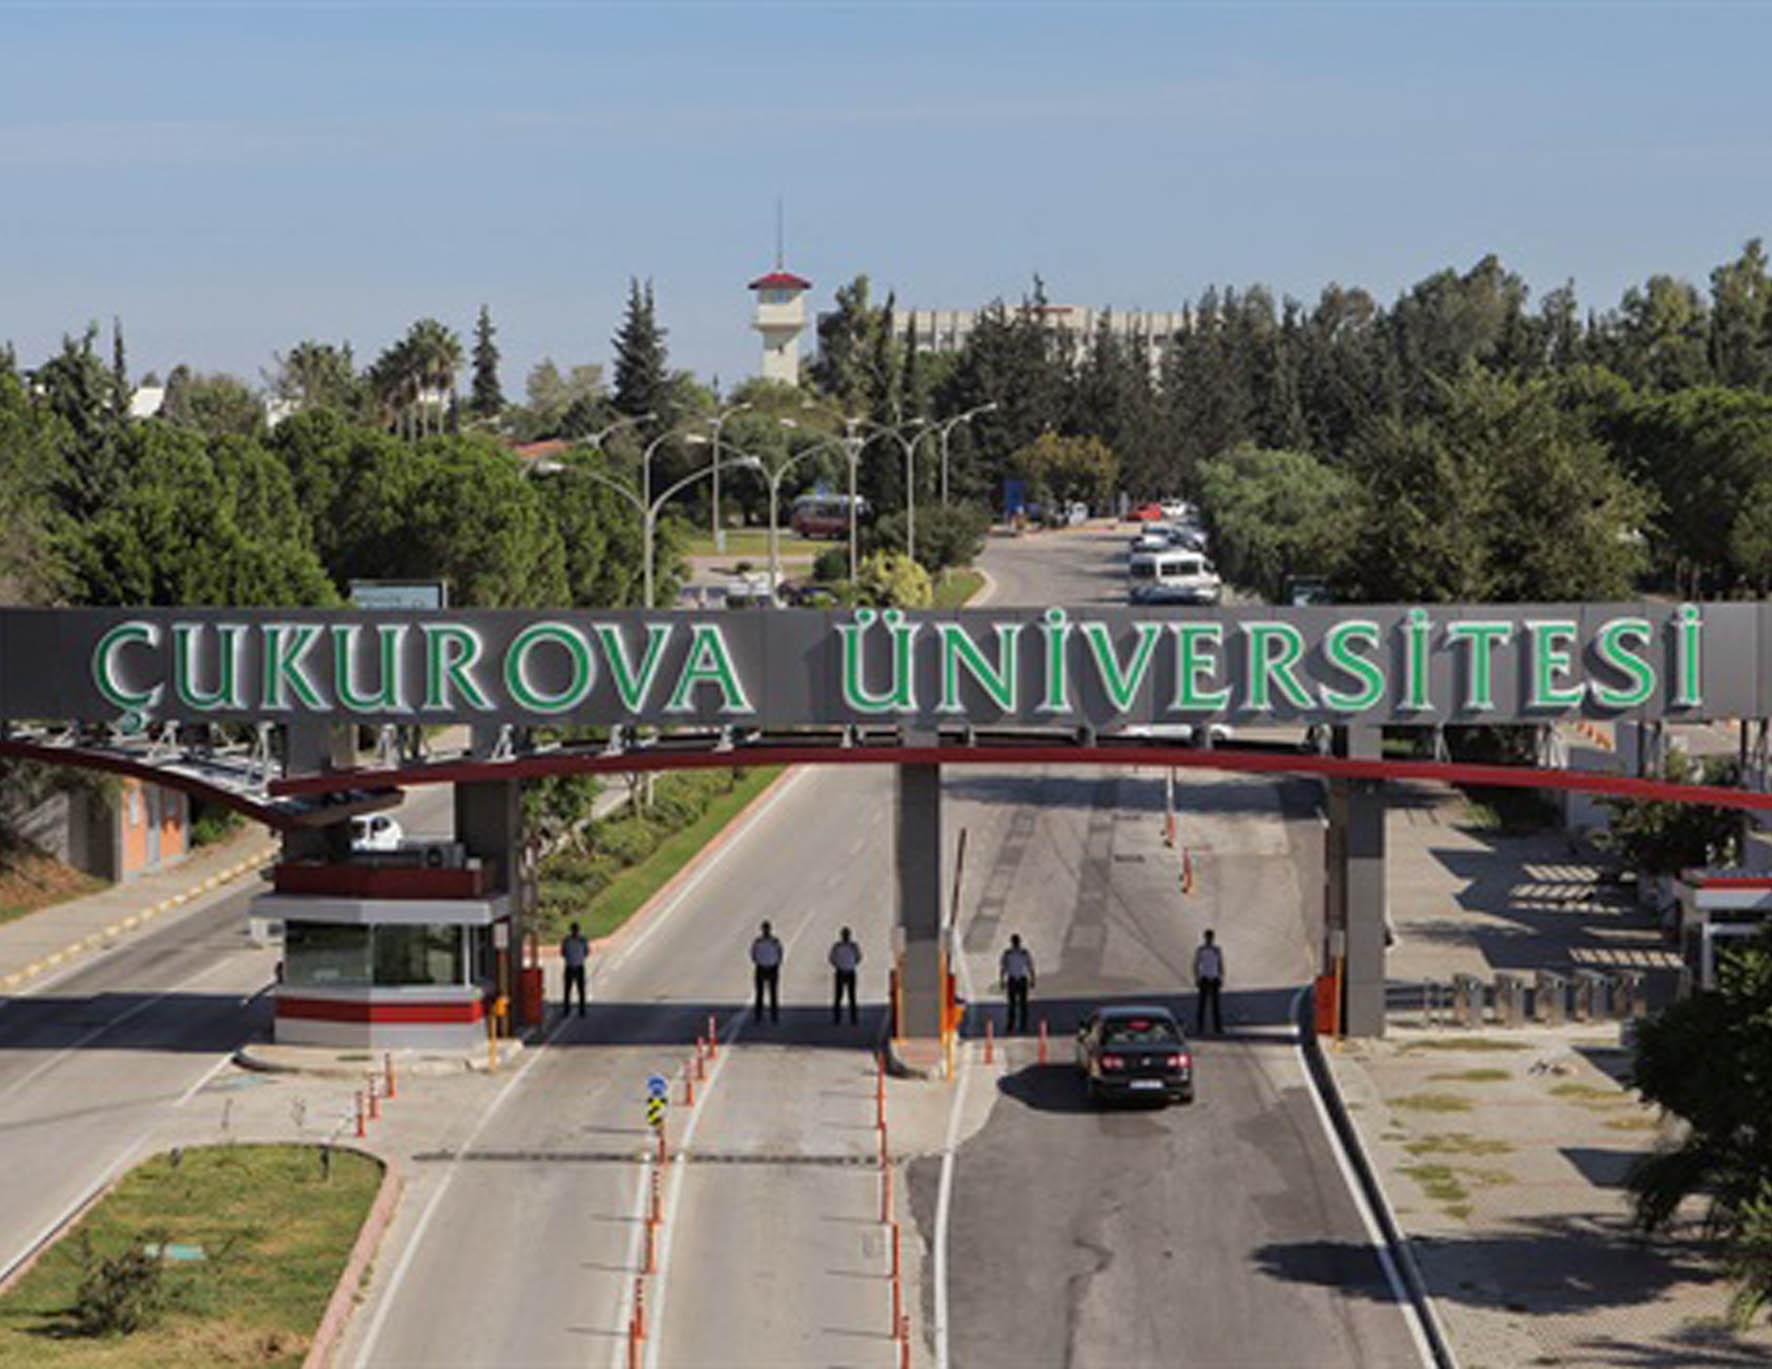 Stipendije za razmjenu studenata i osoblja na Ҫukurova univerzitet u Turskoj unutar Erasmus+ ICM programa